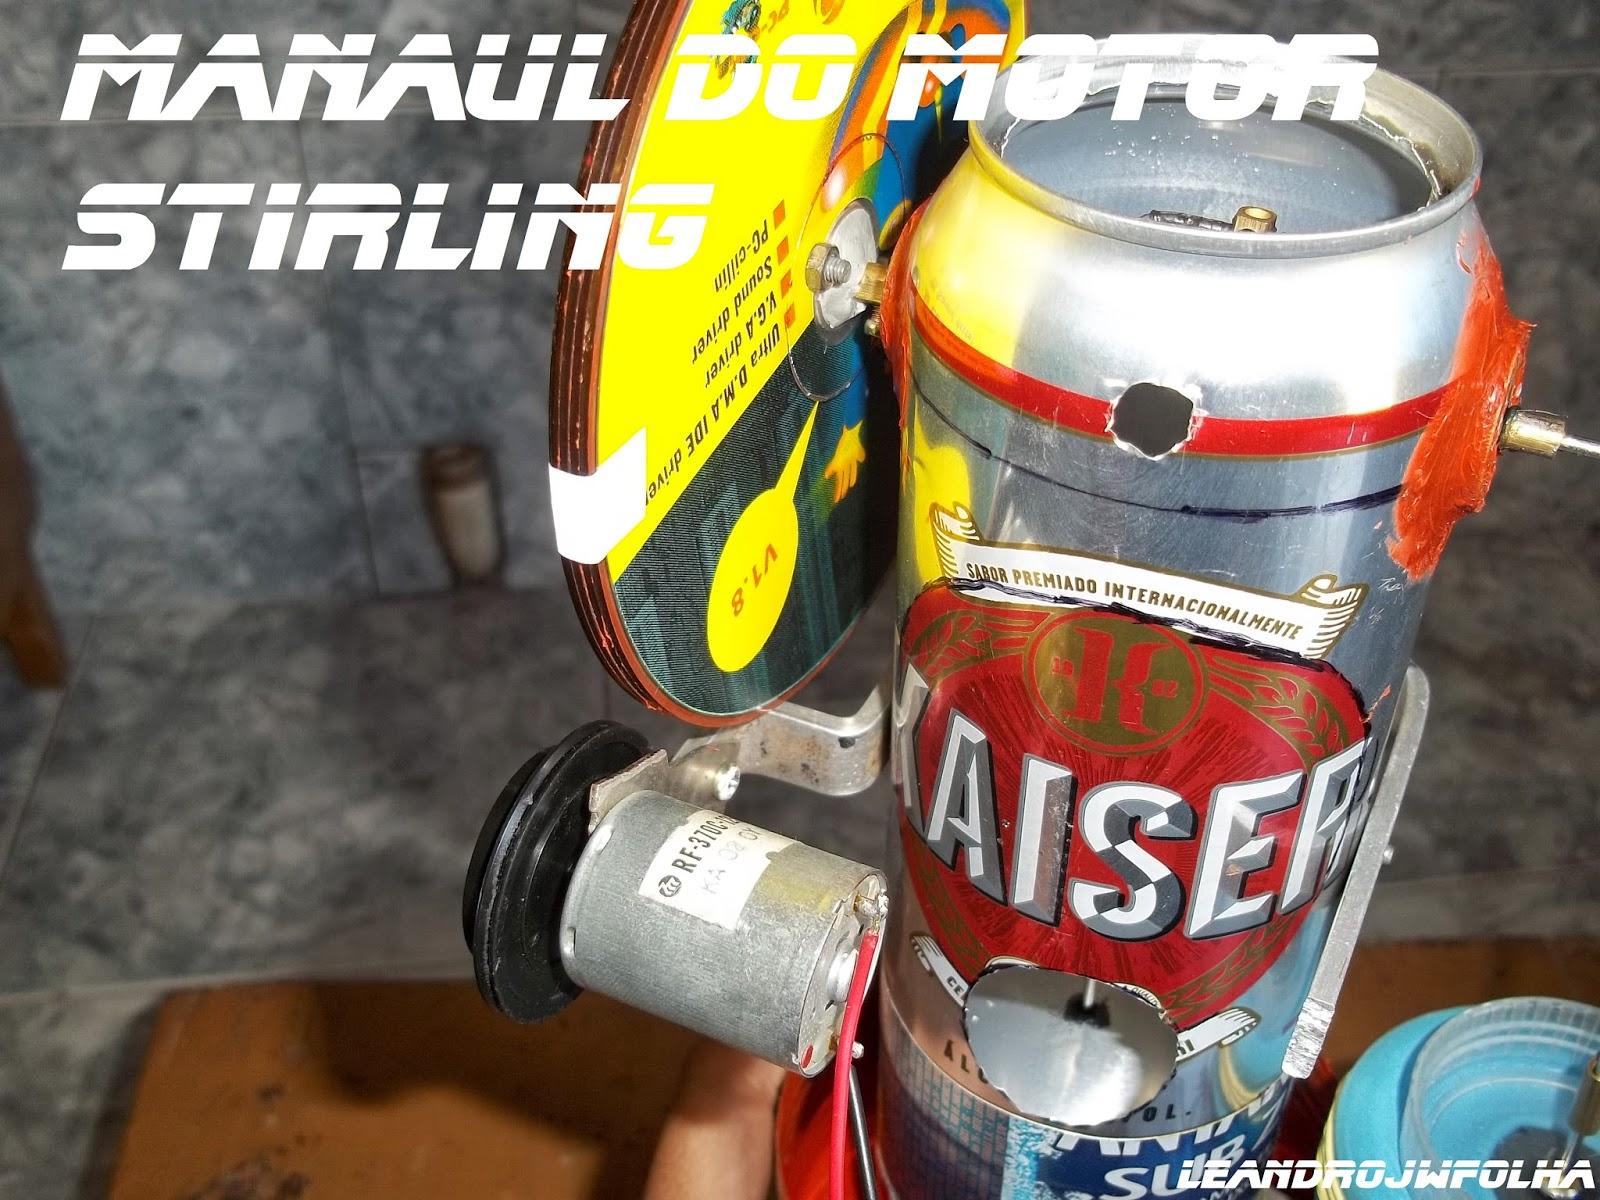 Manual do motor Stirling, foto do motor de ejetar a fita cassete de aparelho de vídeo cassete usado como gerador